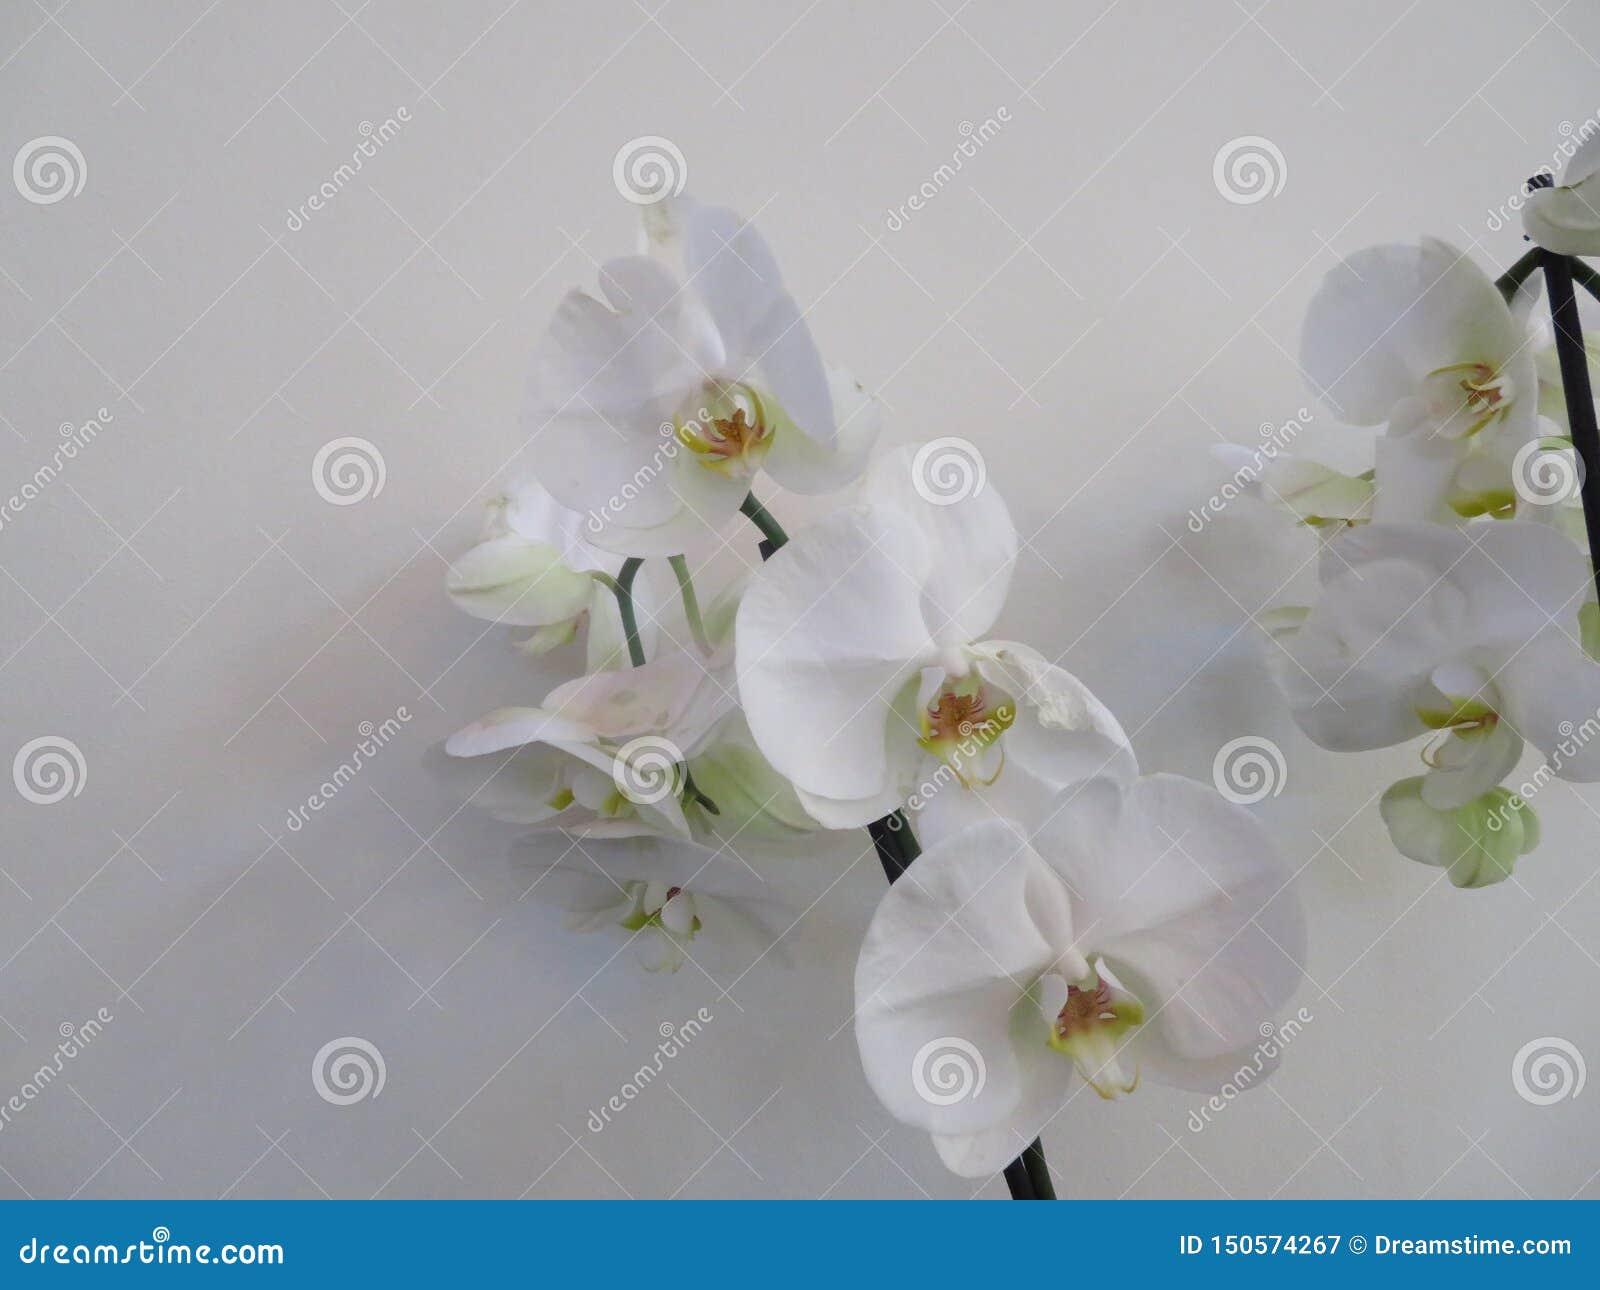 Belle orchidée dans une couleur incroyable et de grande beauté